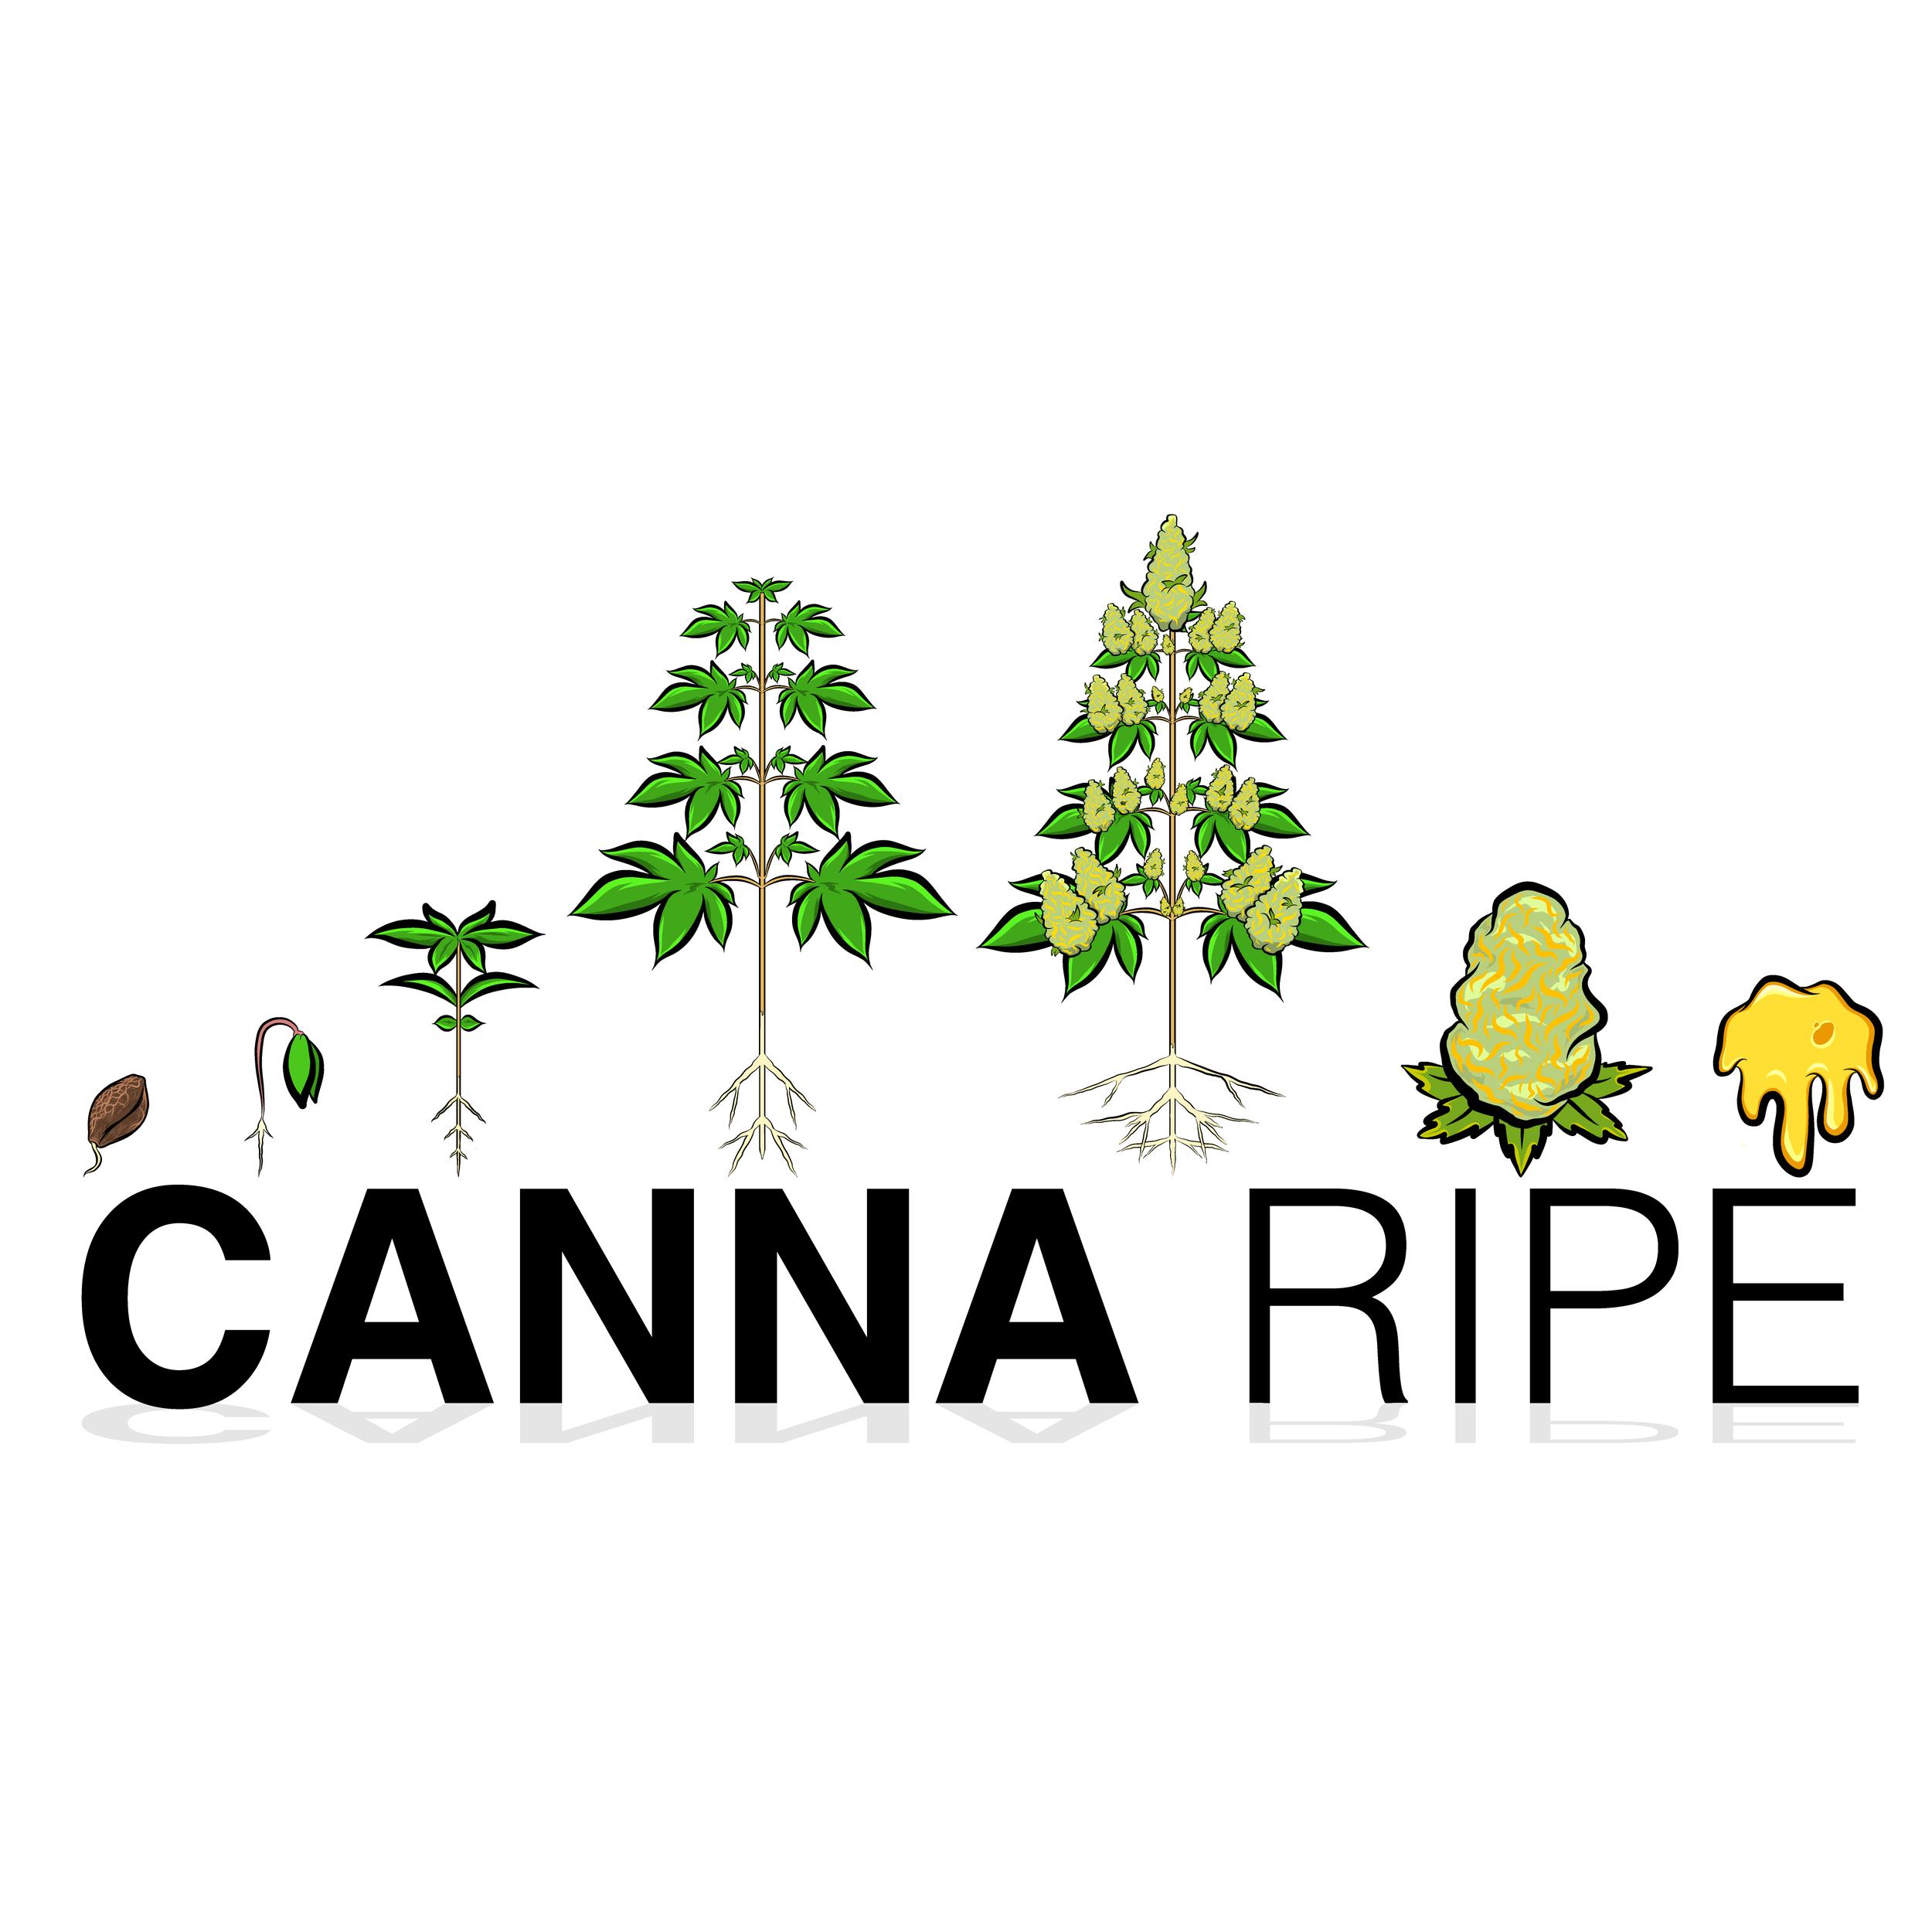 Canna Ripe